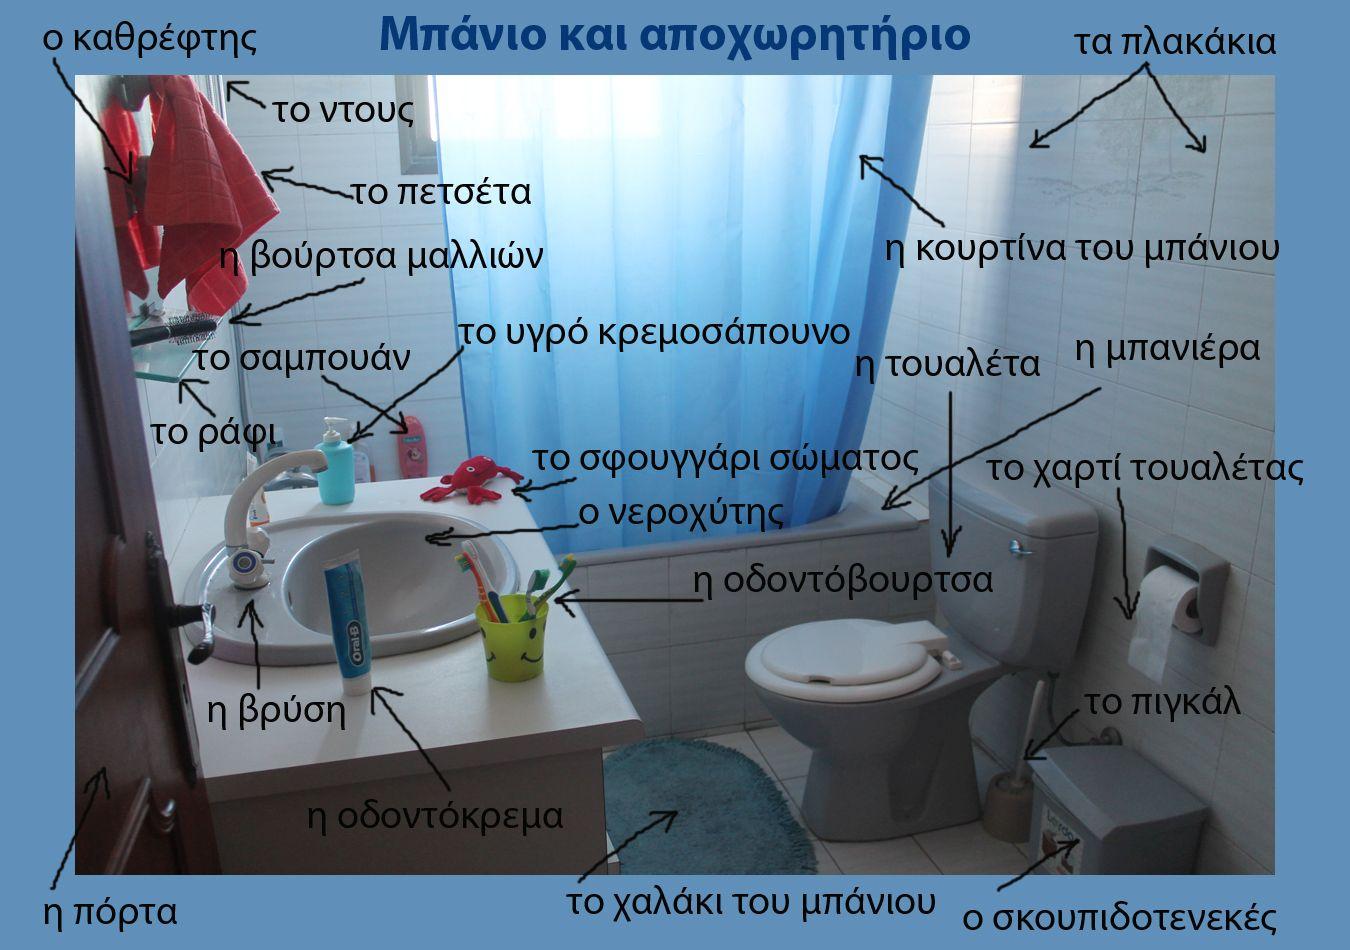 Русско-греческий словарь - Ванная и туалет